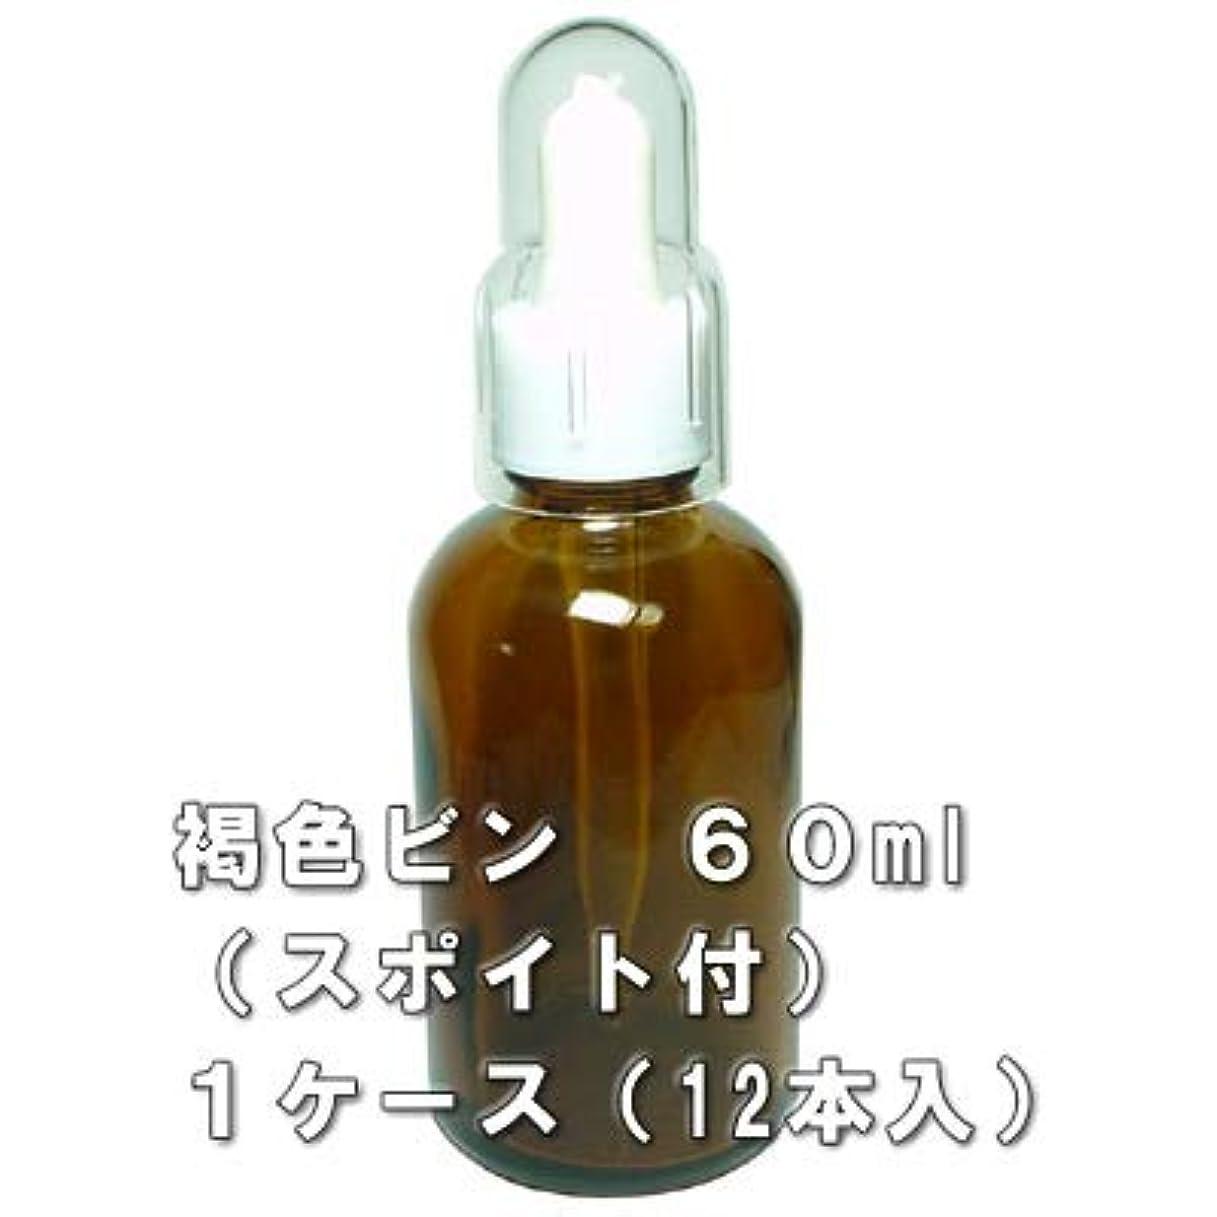 段落プロポーショナルせっかちスポイト付き遮光瓶 褐色びん 60ml 1ケース 12本入 アロマ保存容器